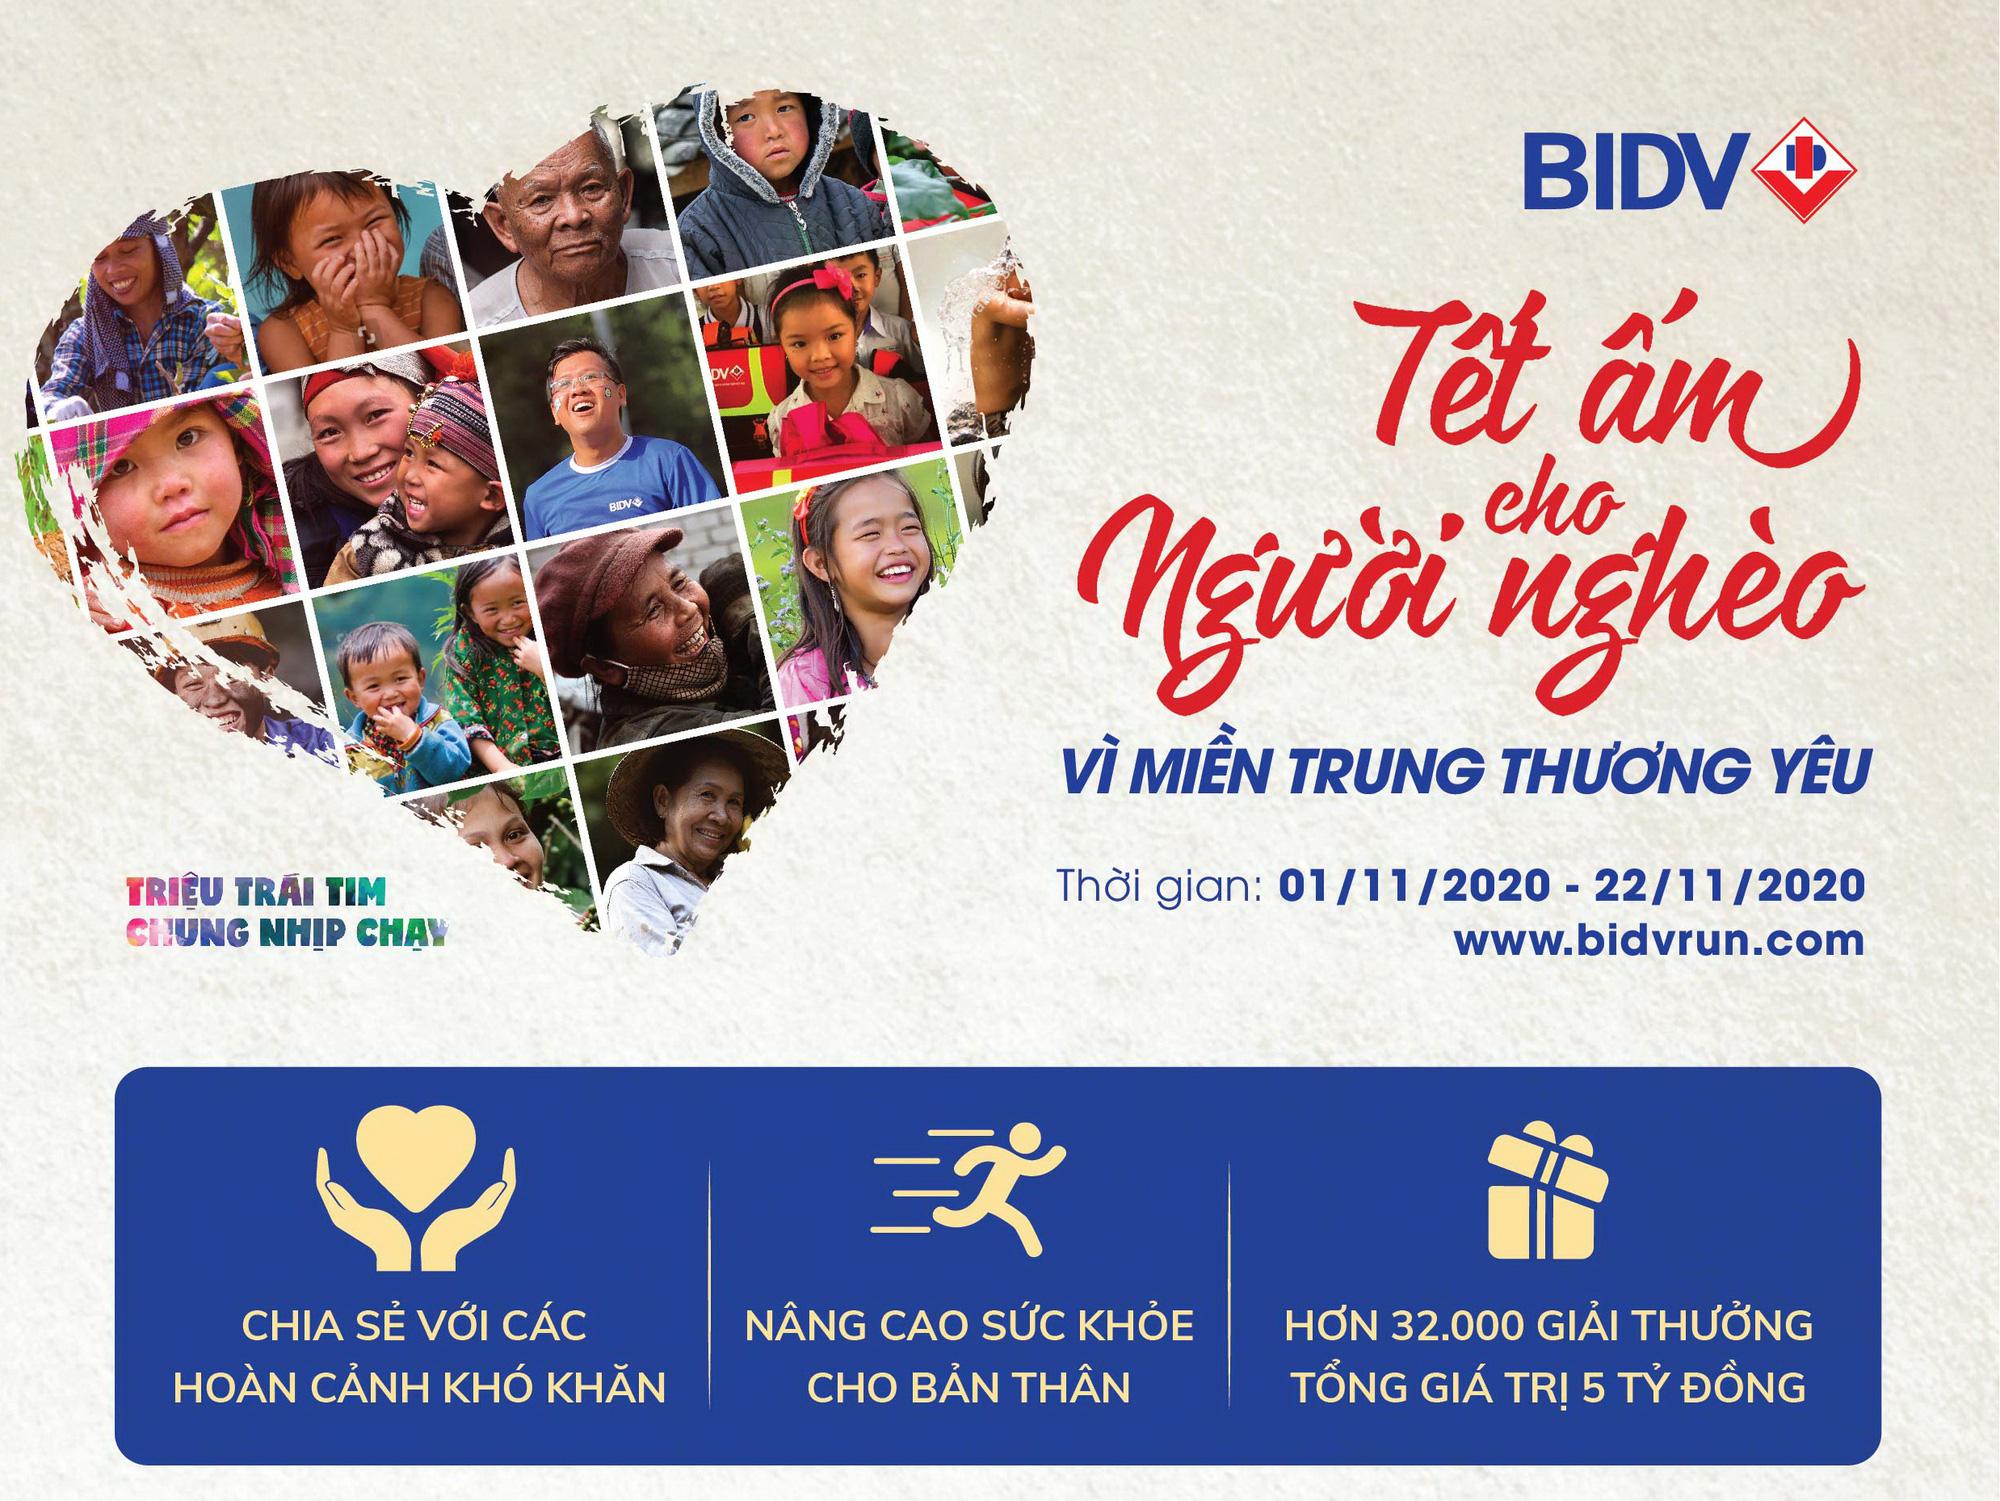 """BIDV tổ chức giải chạy  """"Tết ấm cho người nghèo – Vì miền Trung thương yêu"""" - Ảnh 1."""